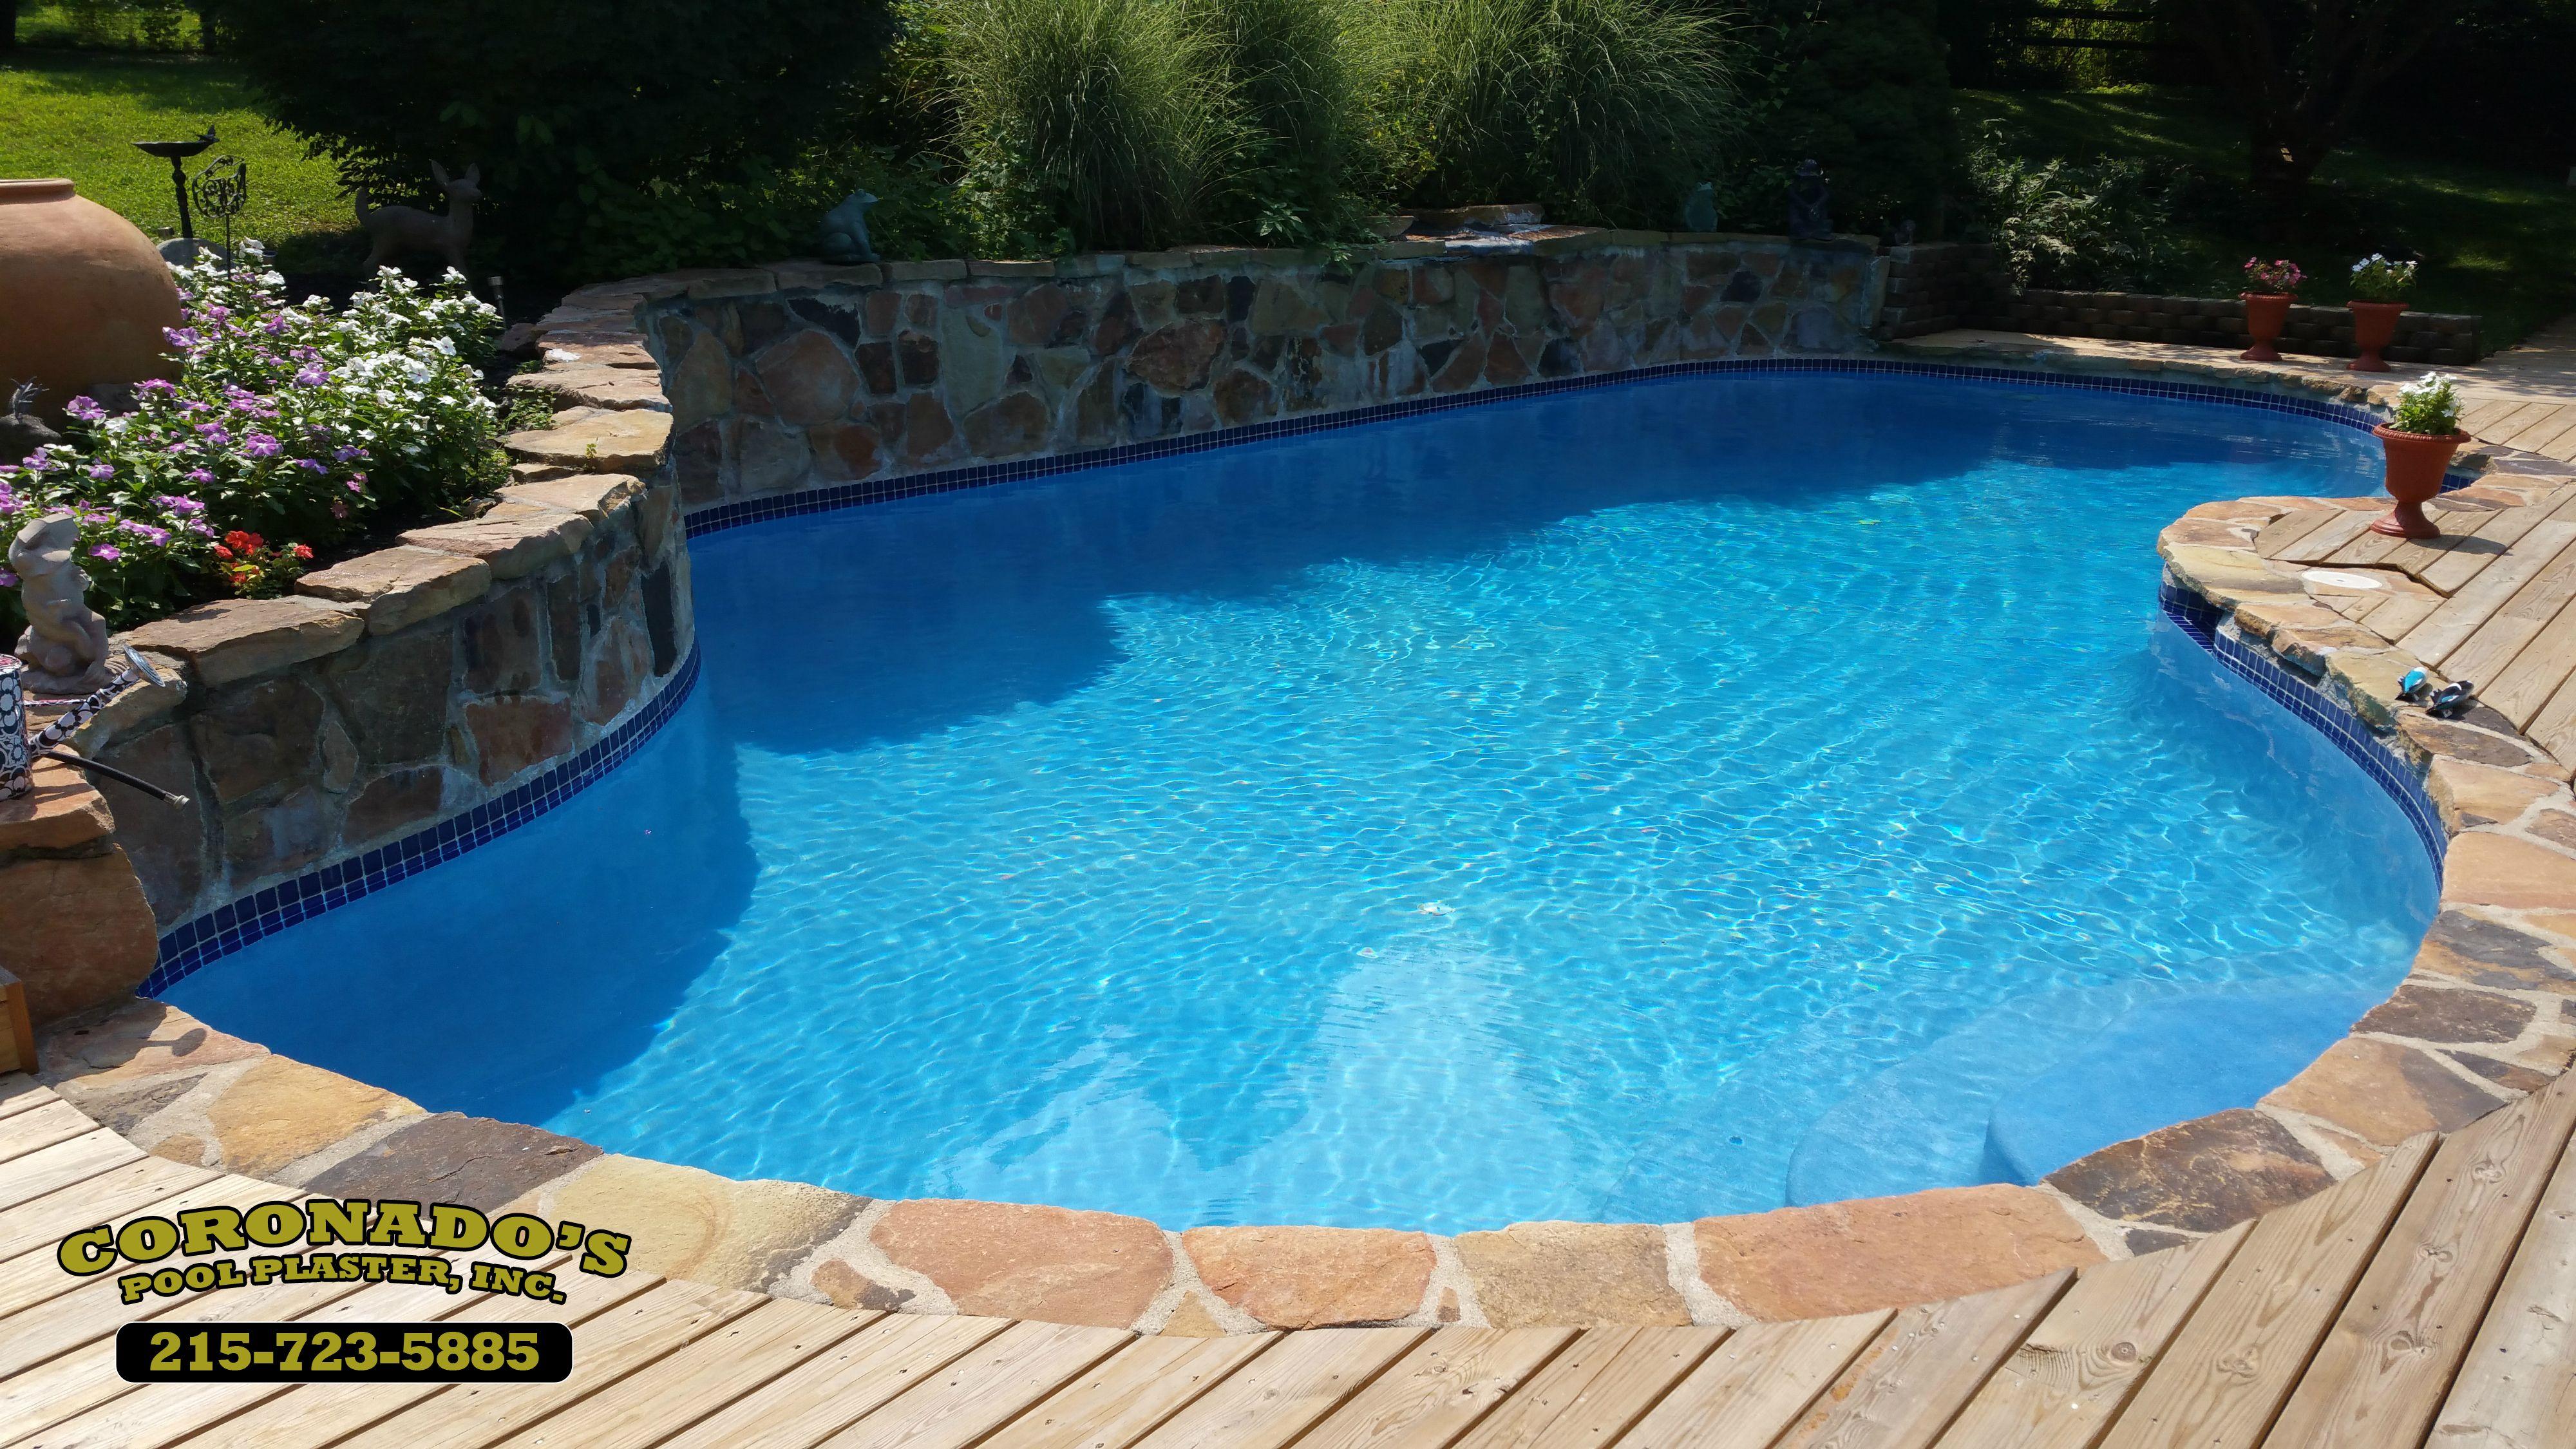 Krystalkrete tahoe blue pool dreams pinterest pool for Pool plaster